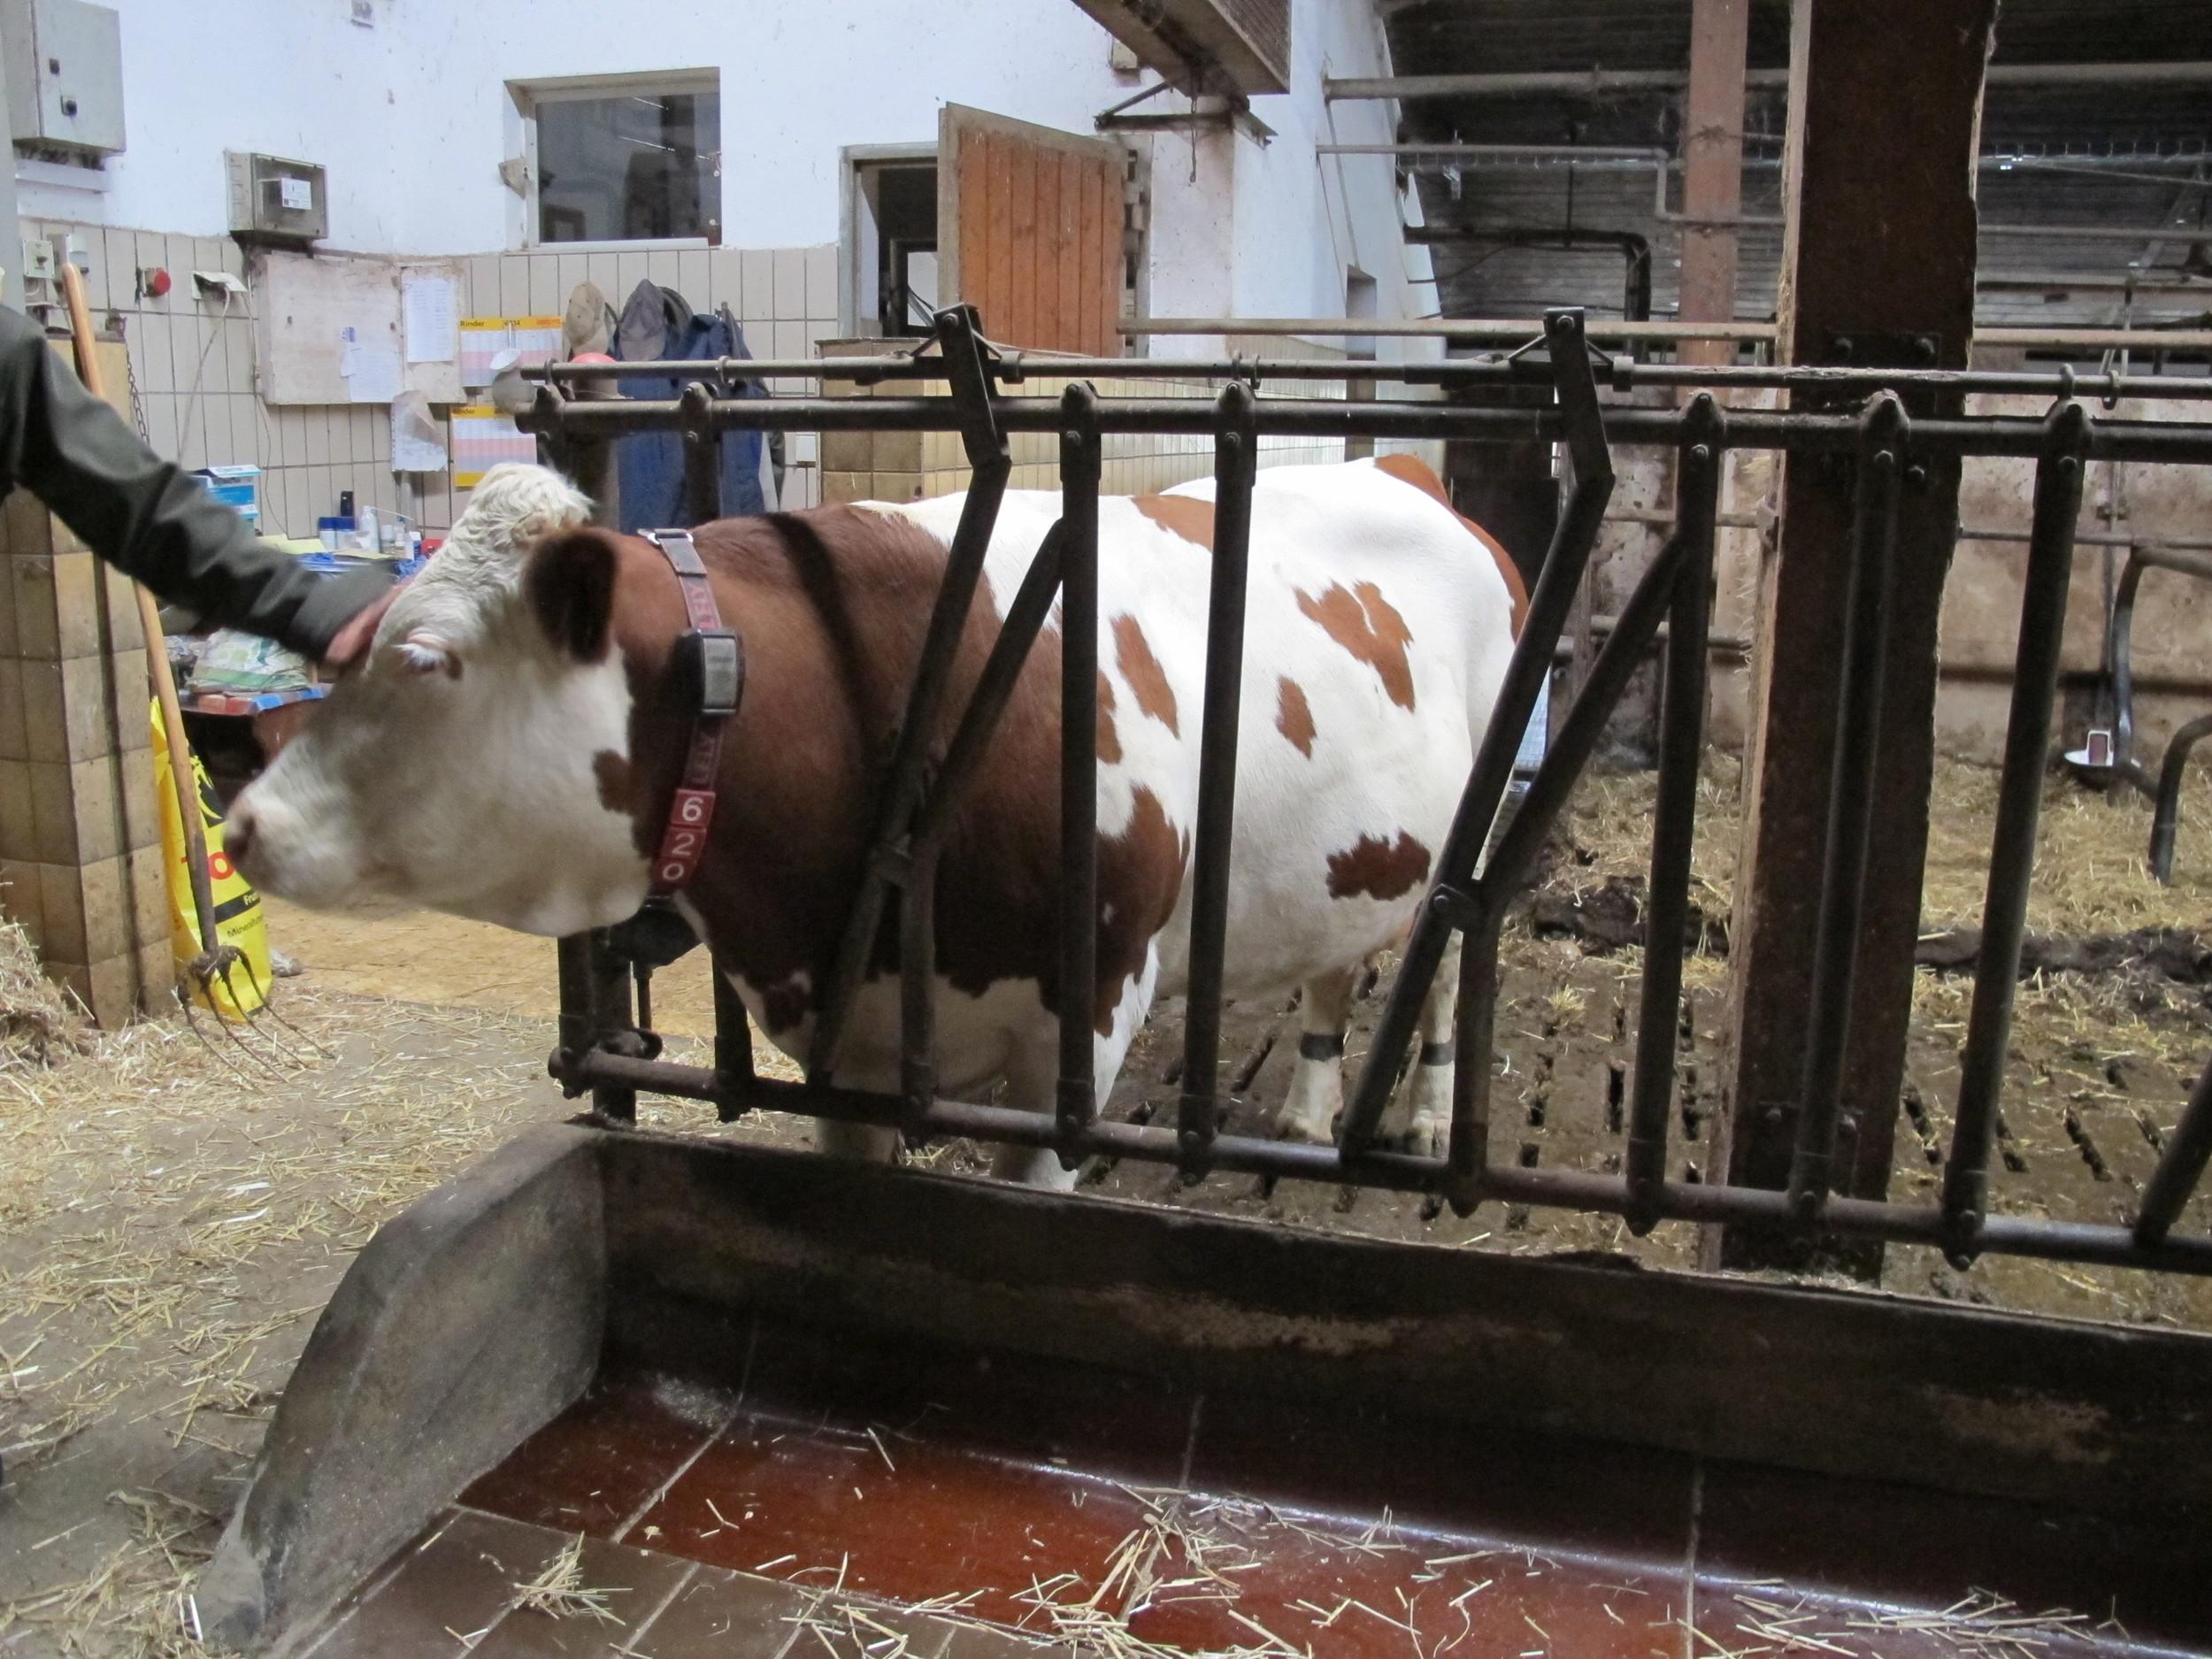 Visit to a cow farm in Dachau